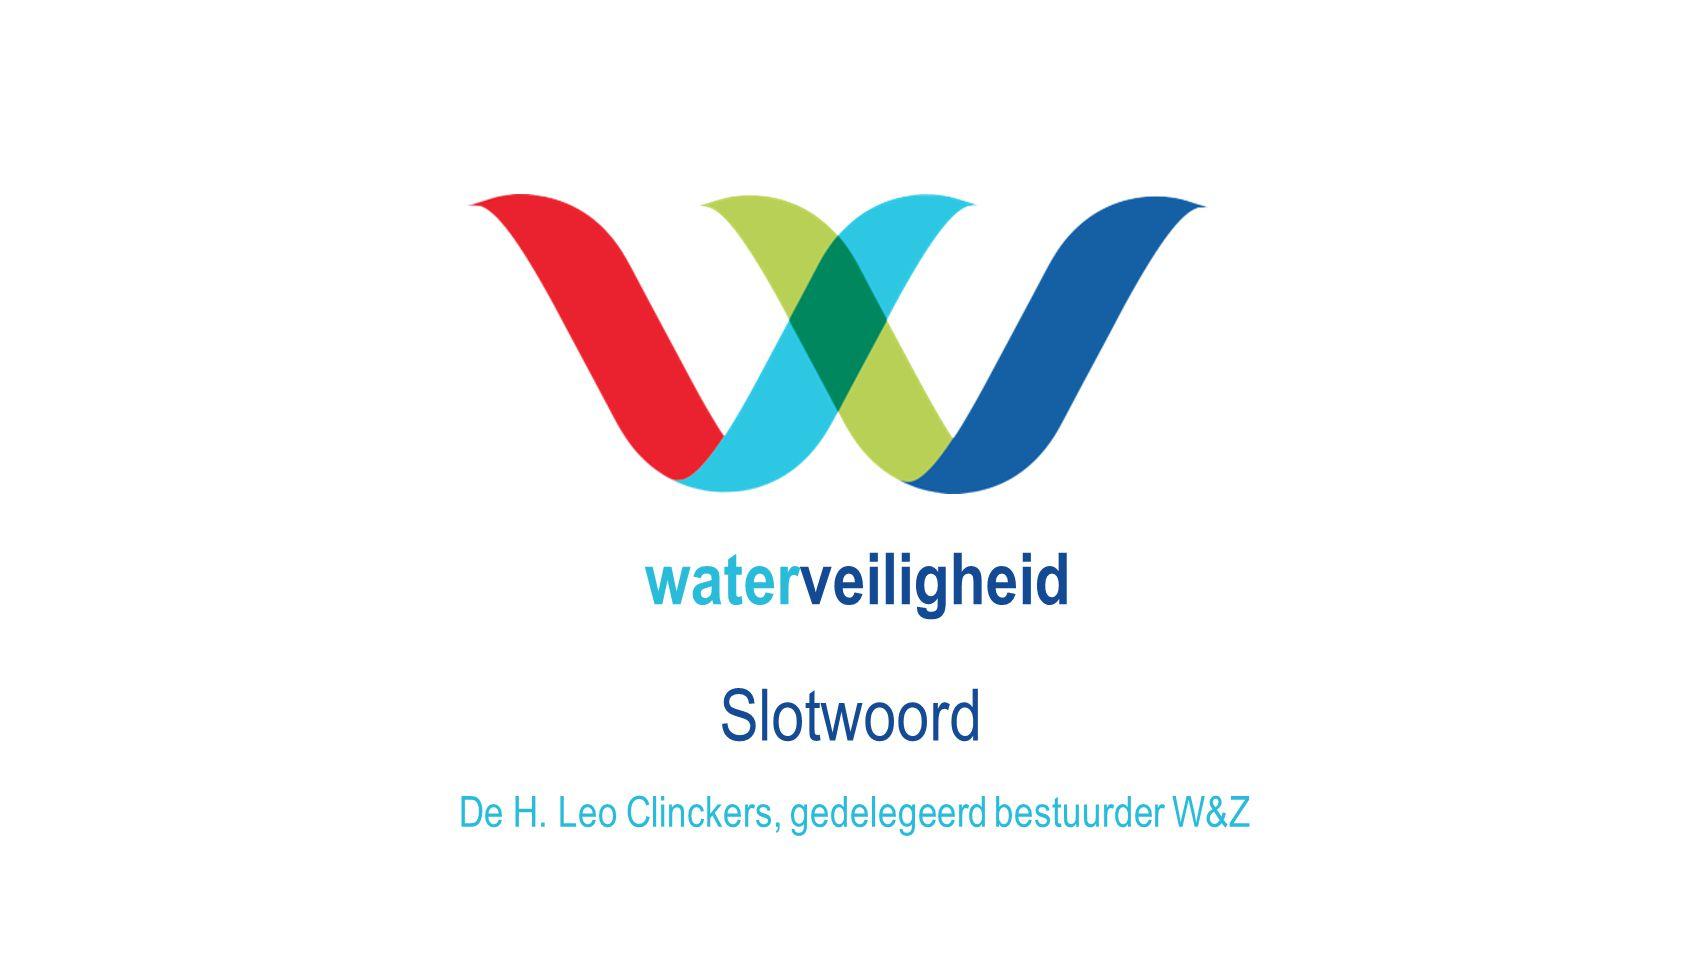 waterveiligheid Slotwoord De H. Leo Clinckers, gedelegeerd bestuurder W&Z